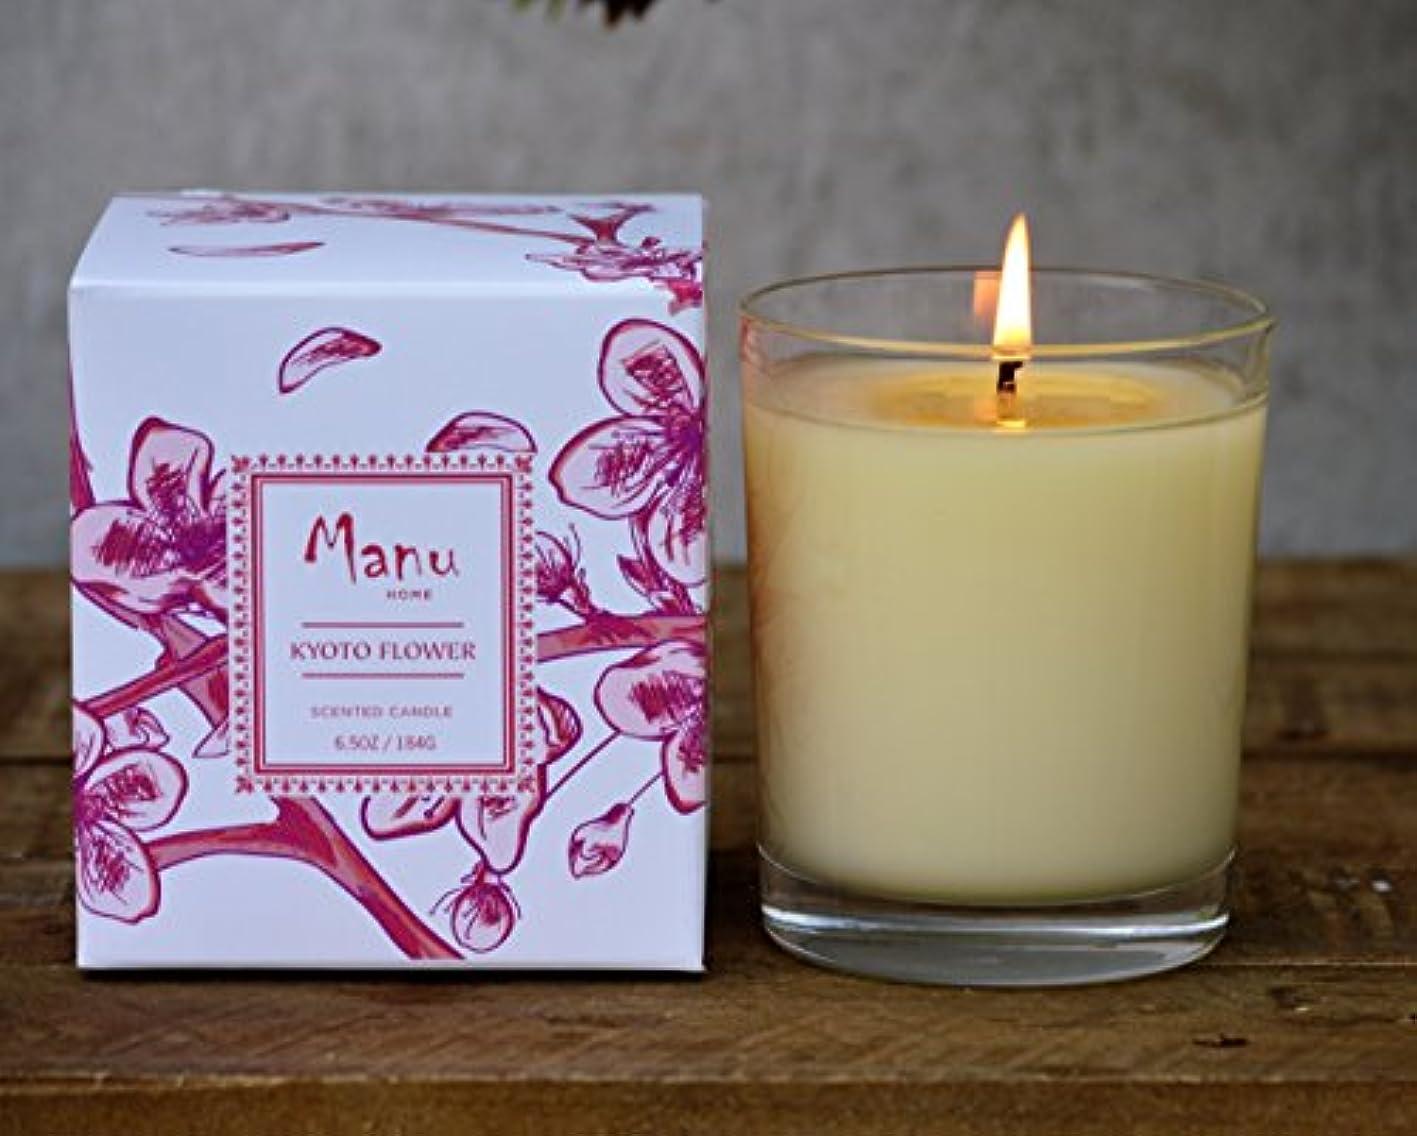 期間約大洪水Holiday Gift Sale ~ Manuホーム休日京都Scented Candle ~ AリフレッシュブレンドのPeach Blossoms、Tea Leaves withノートの琥珀&ジャスミンブレンド。アロマセラピー...